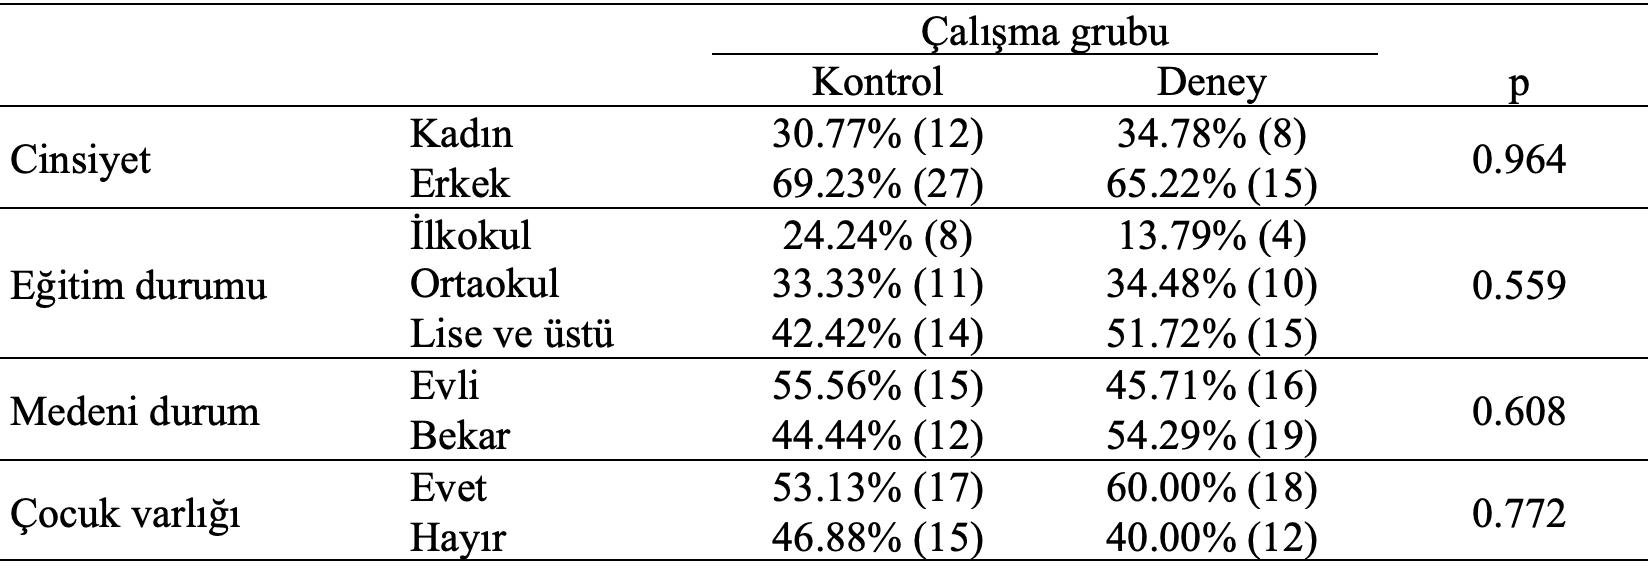 çalışma grubu demografik karşılaştırma